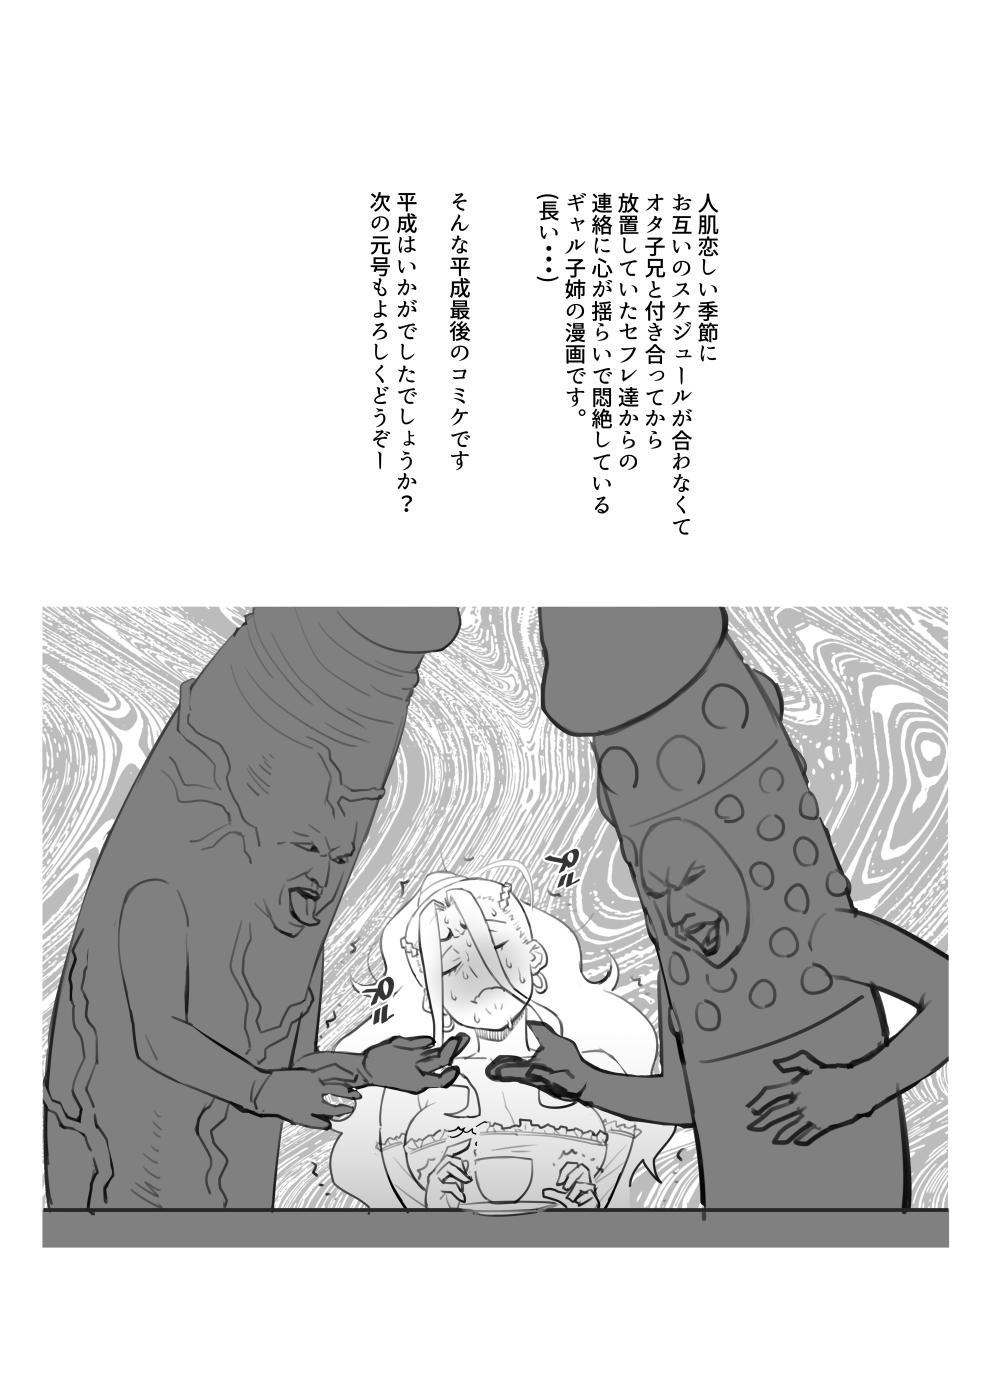 Gal ni Datte Hitohada Koishii Kisetsu ga Arutte Hontou desu ka? 2